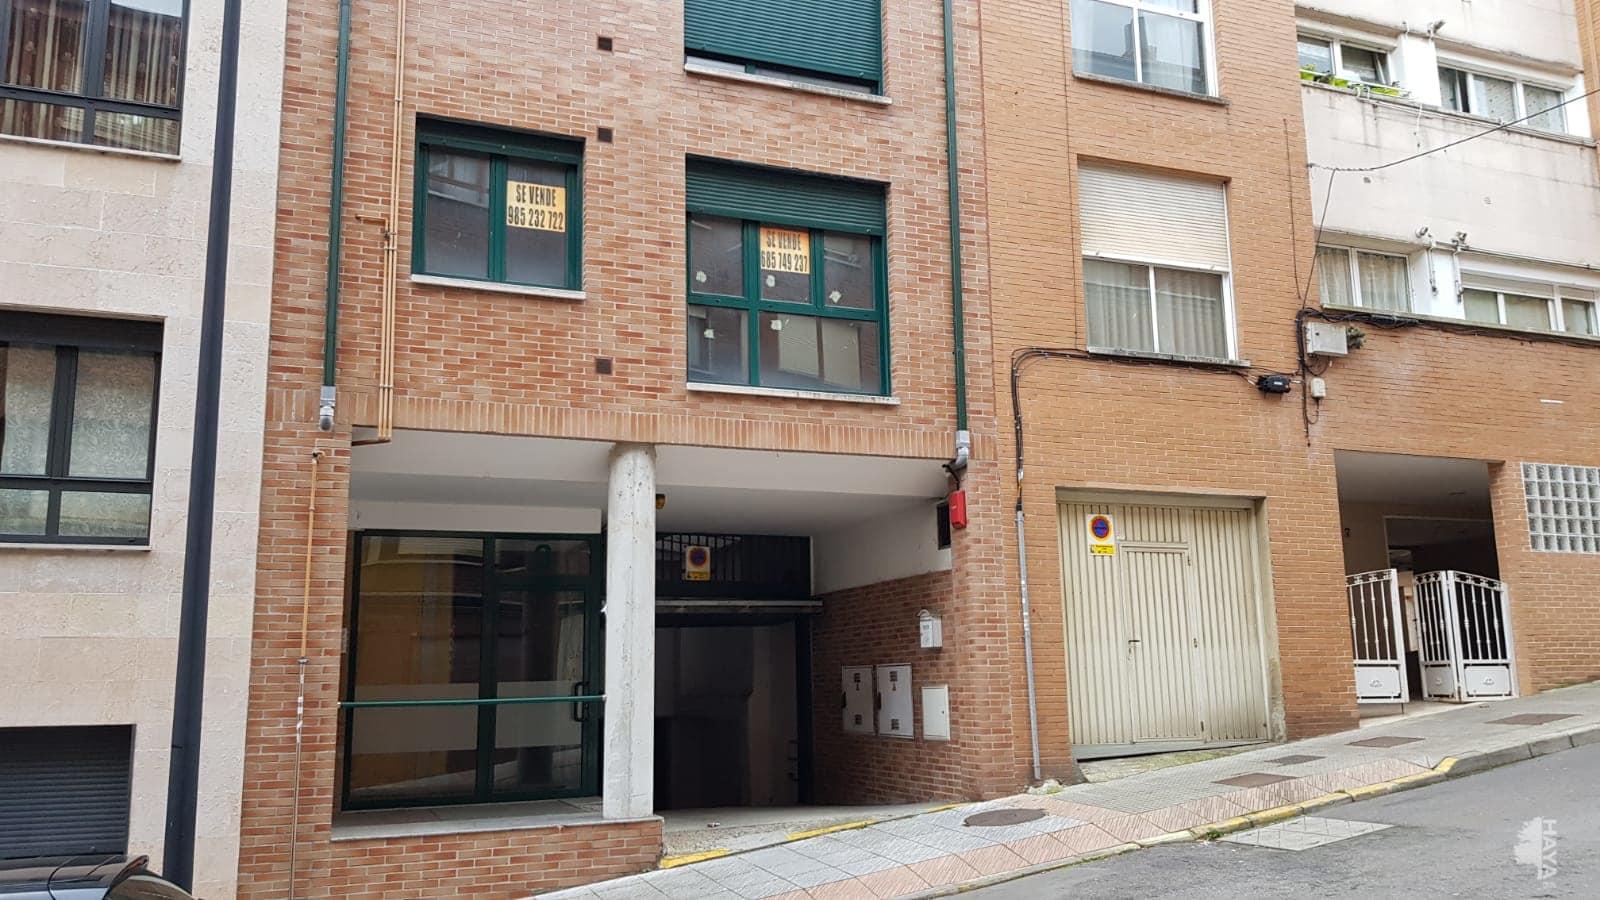 Piso en venta en Lena, Asturias, Calle Monte Ablanedo, 156.000 €, 4 habitaciones, 1 baño, 180 m2